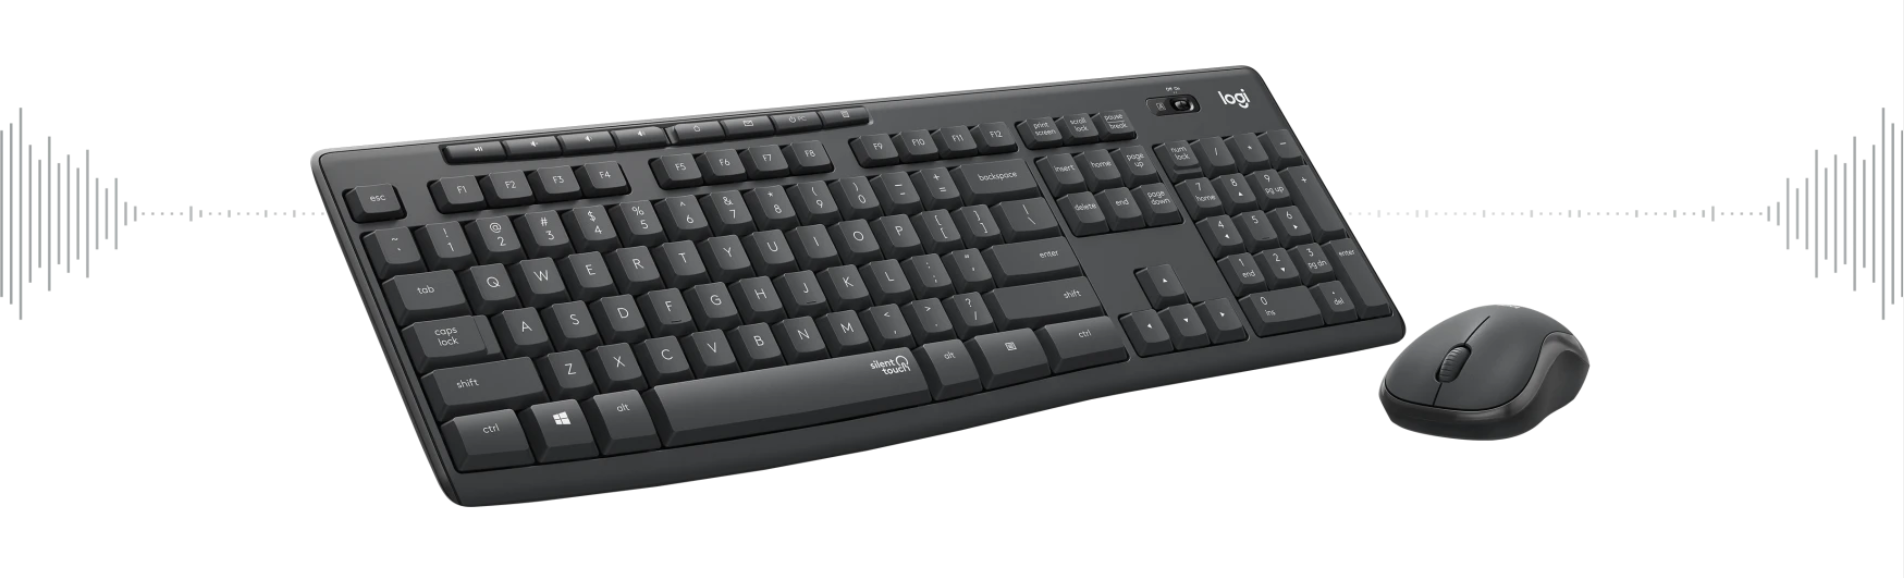 Giới thiệu Bộ bàn phím + chuột không dây Logitech MK295 màu đen (USB/SilentTouch)